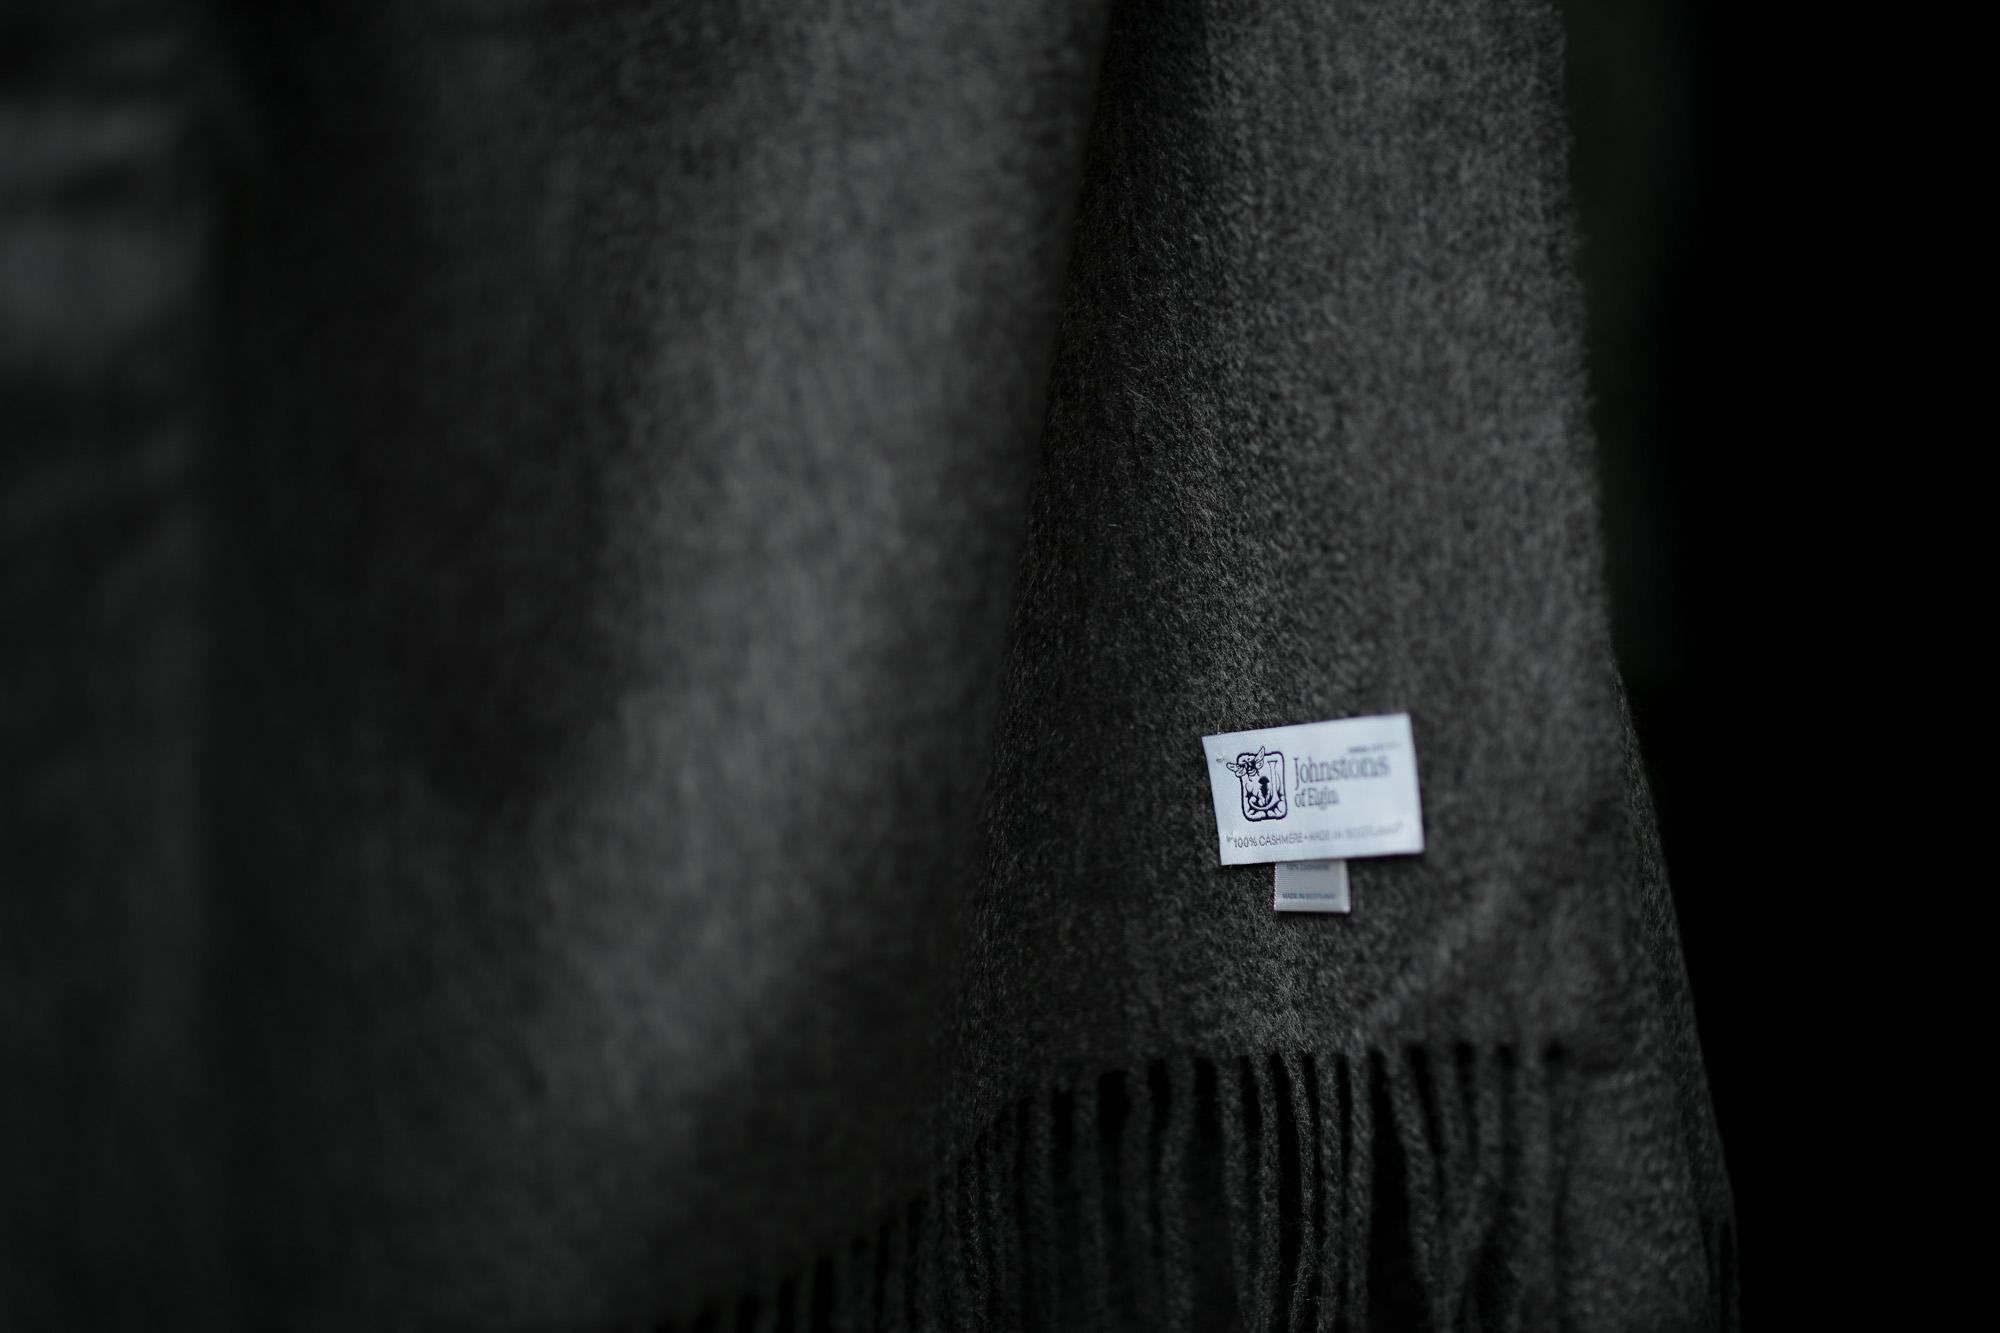 Johnstons (ジョンストンズ) WA56 STOLE Cashmere 100% カシミア 大判 ストール Mid Grey (ミッドグレー・HA0501) Made in Scotland (スコットランド製) 2018 秋冬新作 愛知 名古屋 alto e diritto アルトエデリット altoediritto